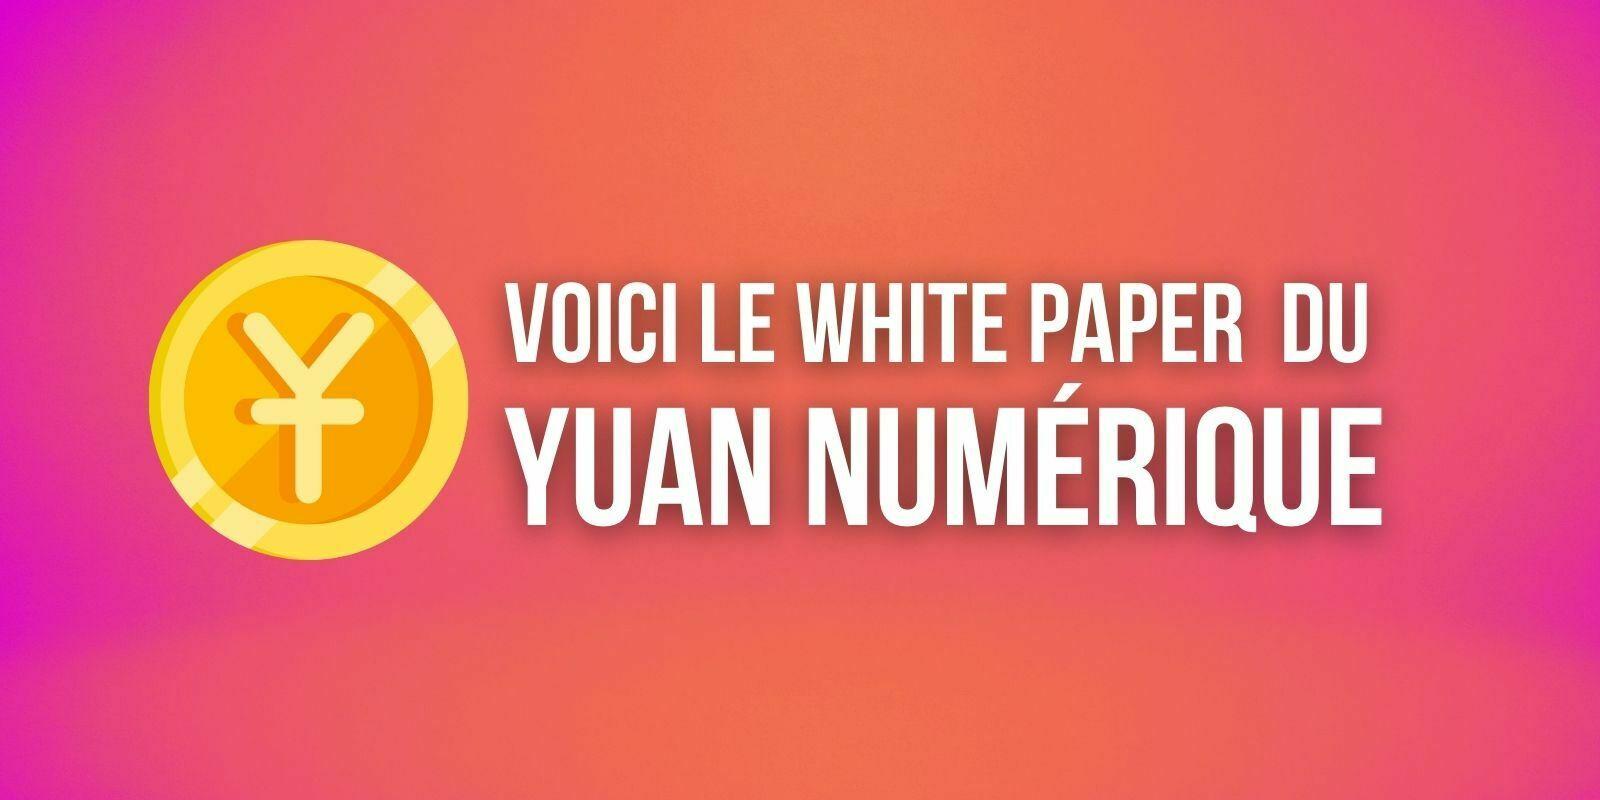 La Chine dévoile le white paper du yuan numérique et confirme l'utilisation de smart contracts